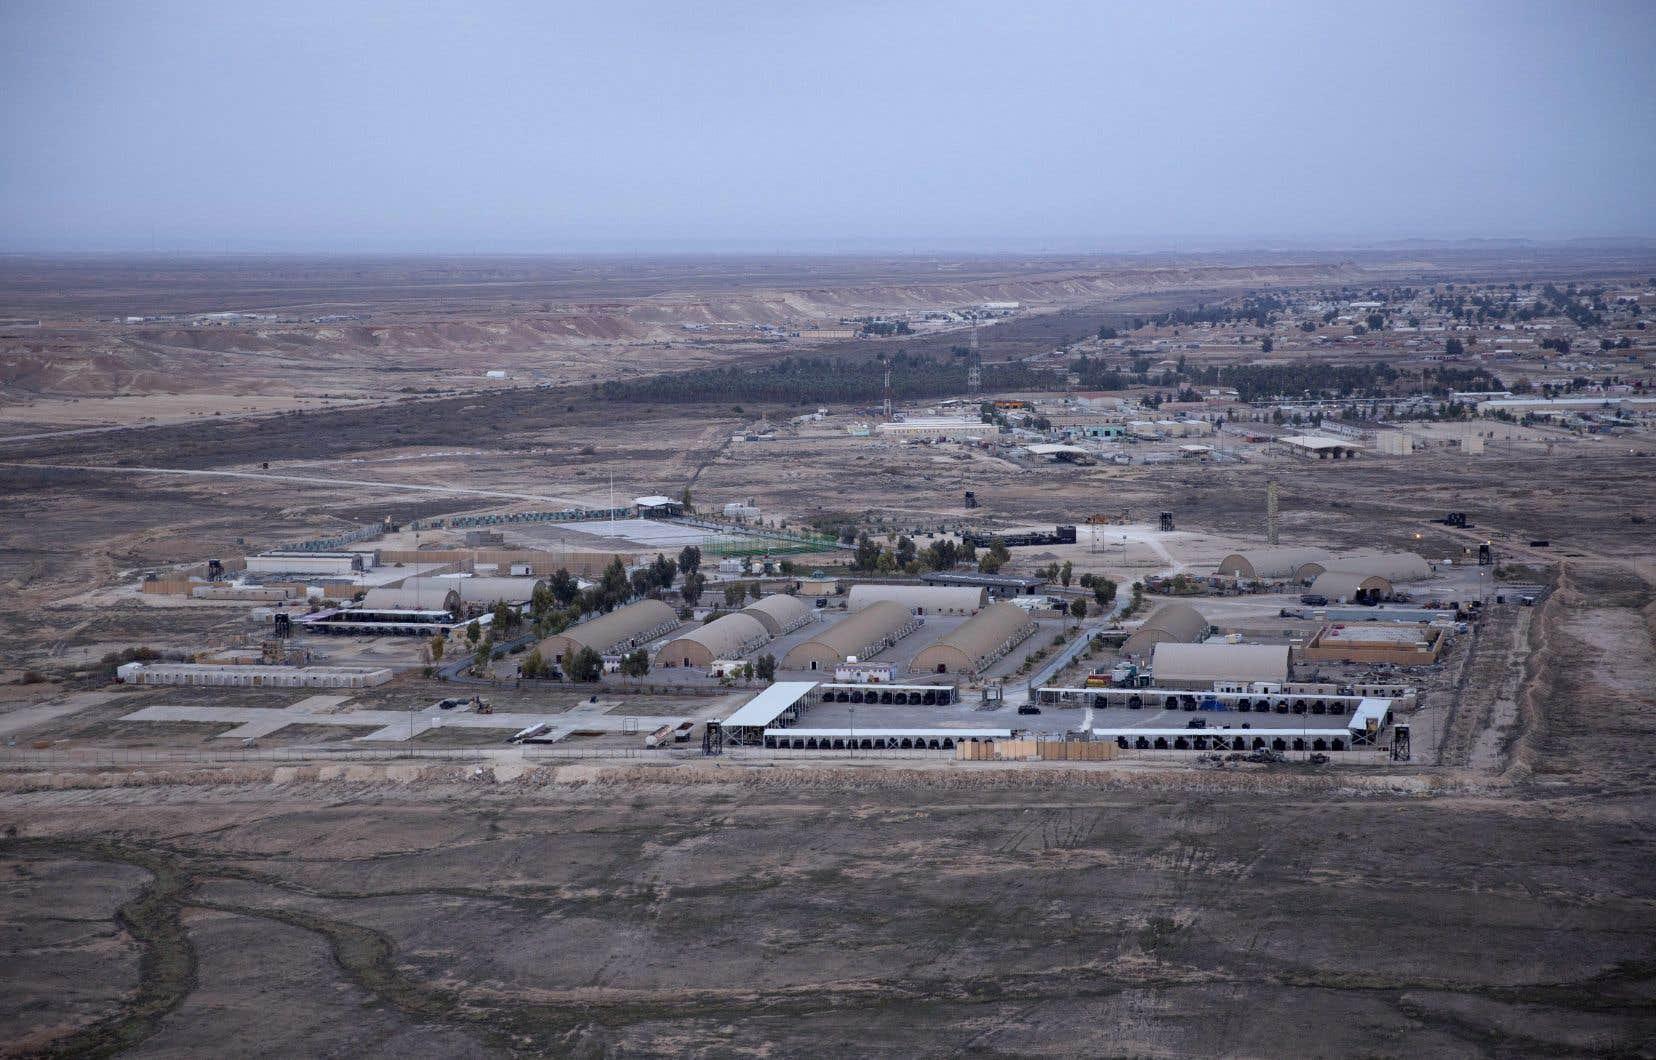 La base aérienne d'Ain al-Asad dans le désert occidental d'Anbar en Irak